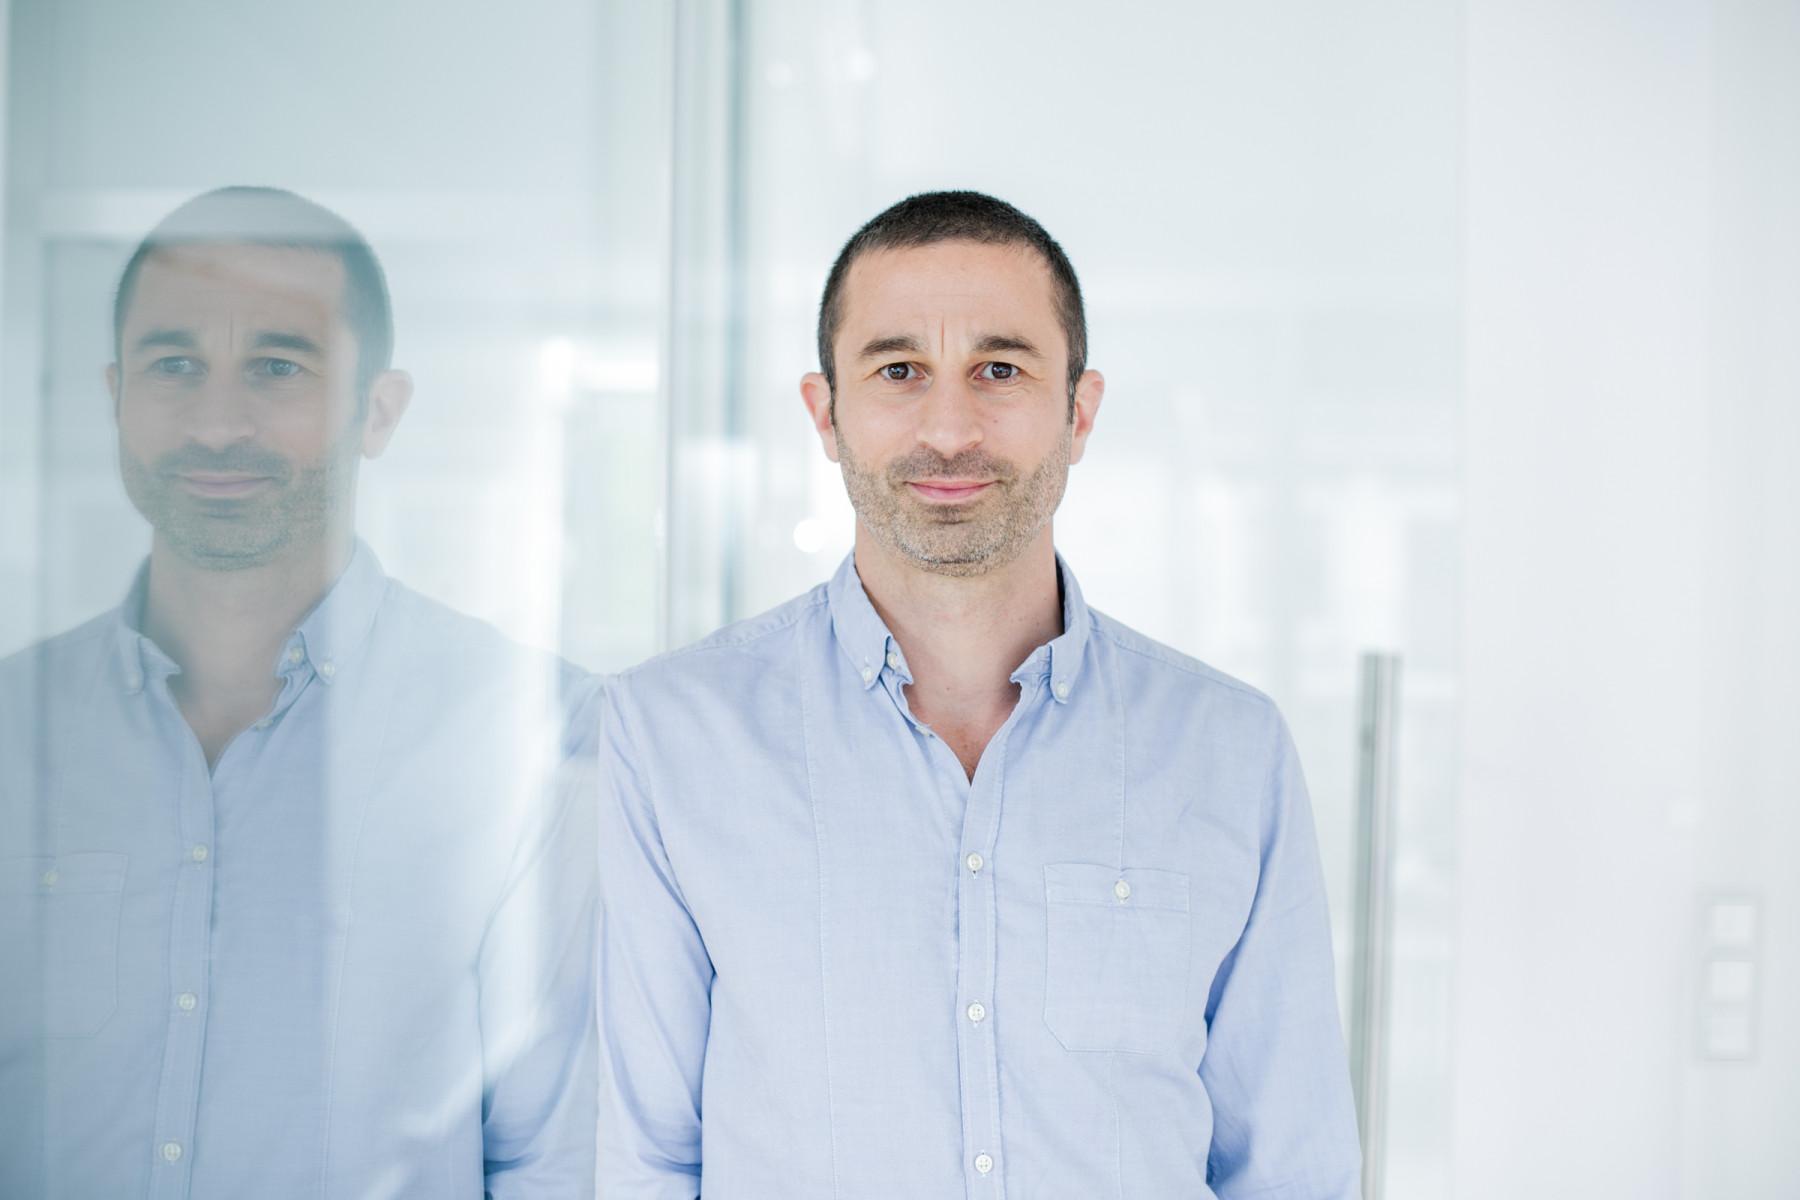 Fady El-Murr Geschäftsführer und Gründer von pressrelations